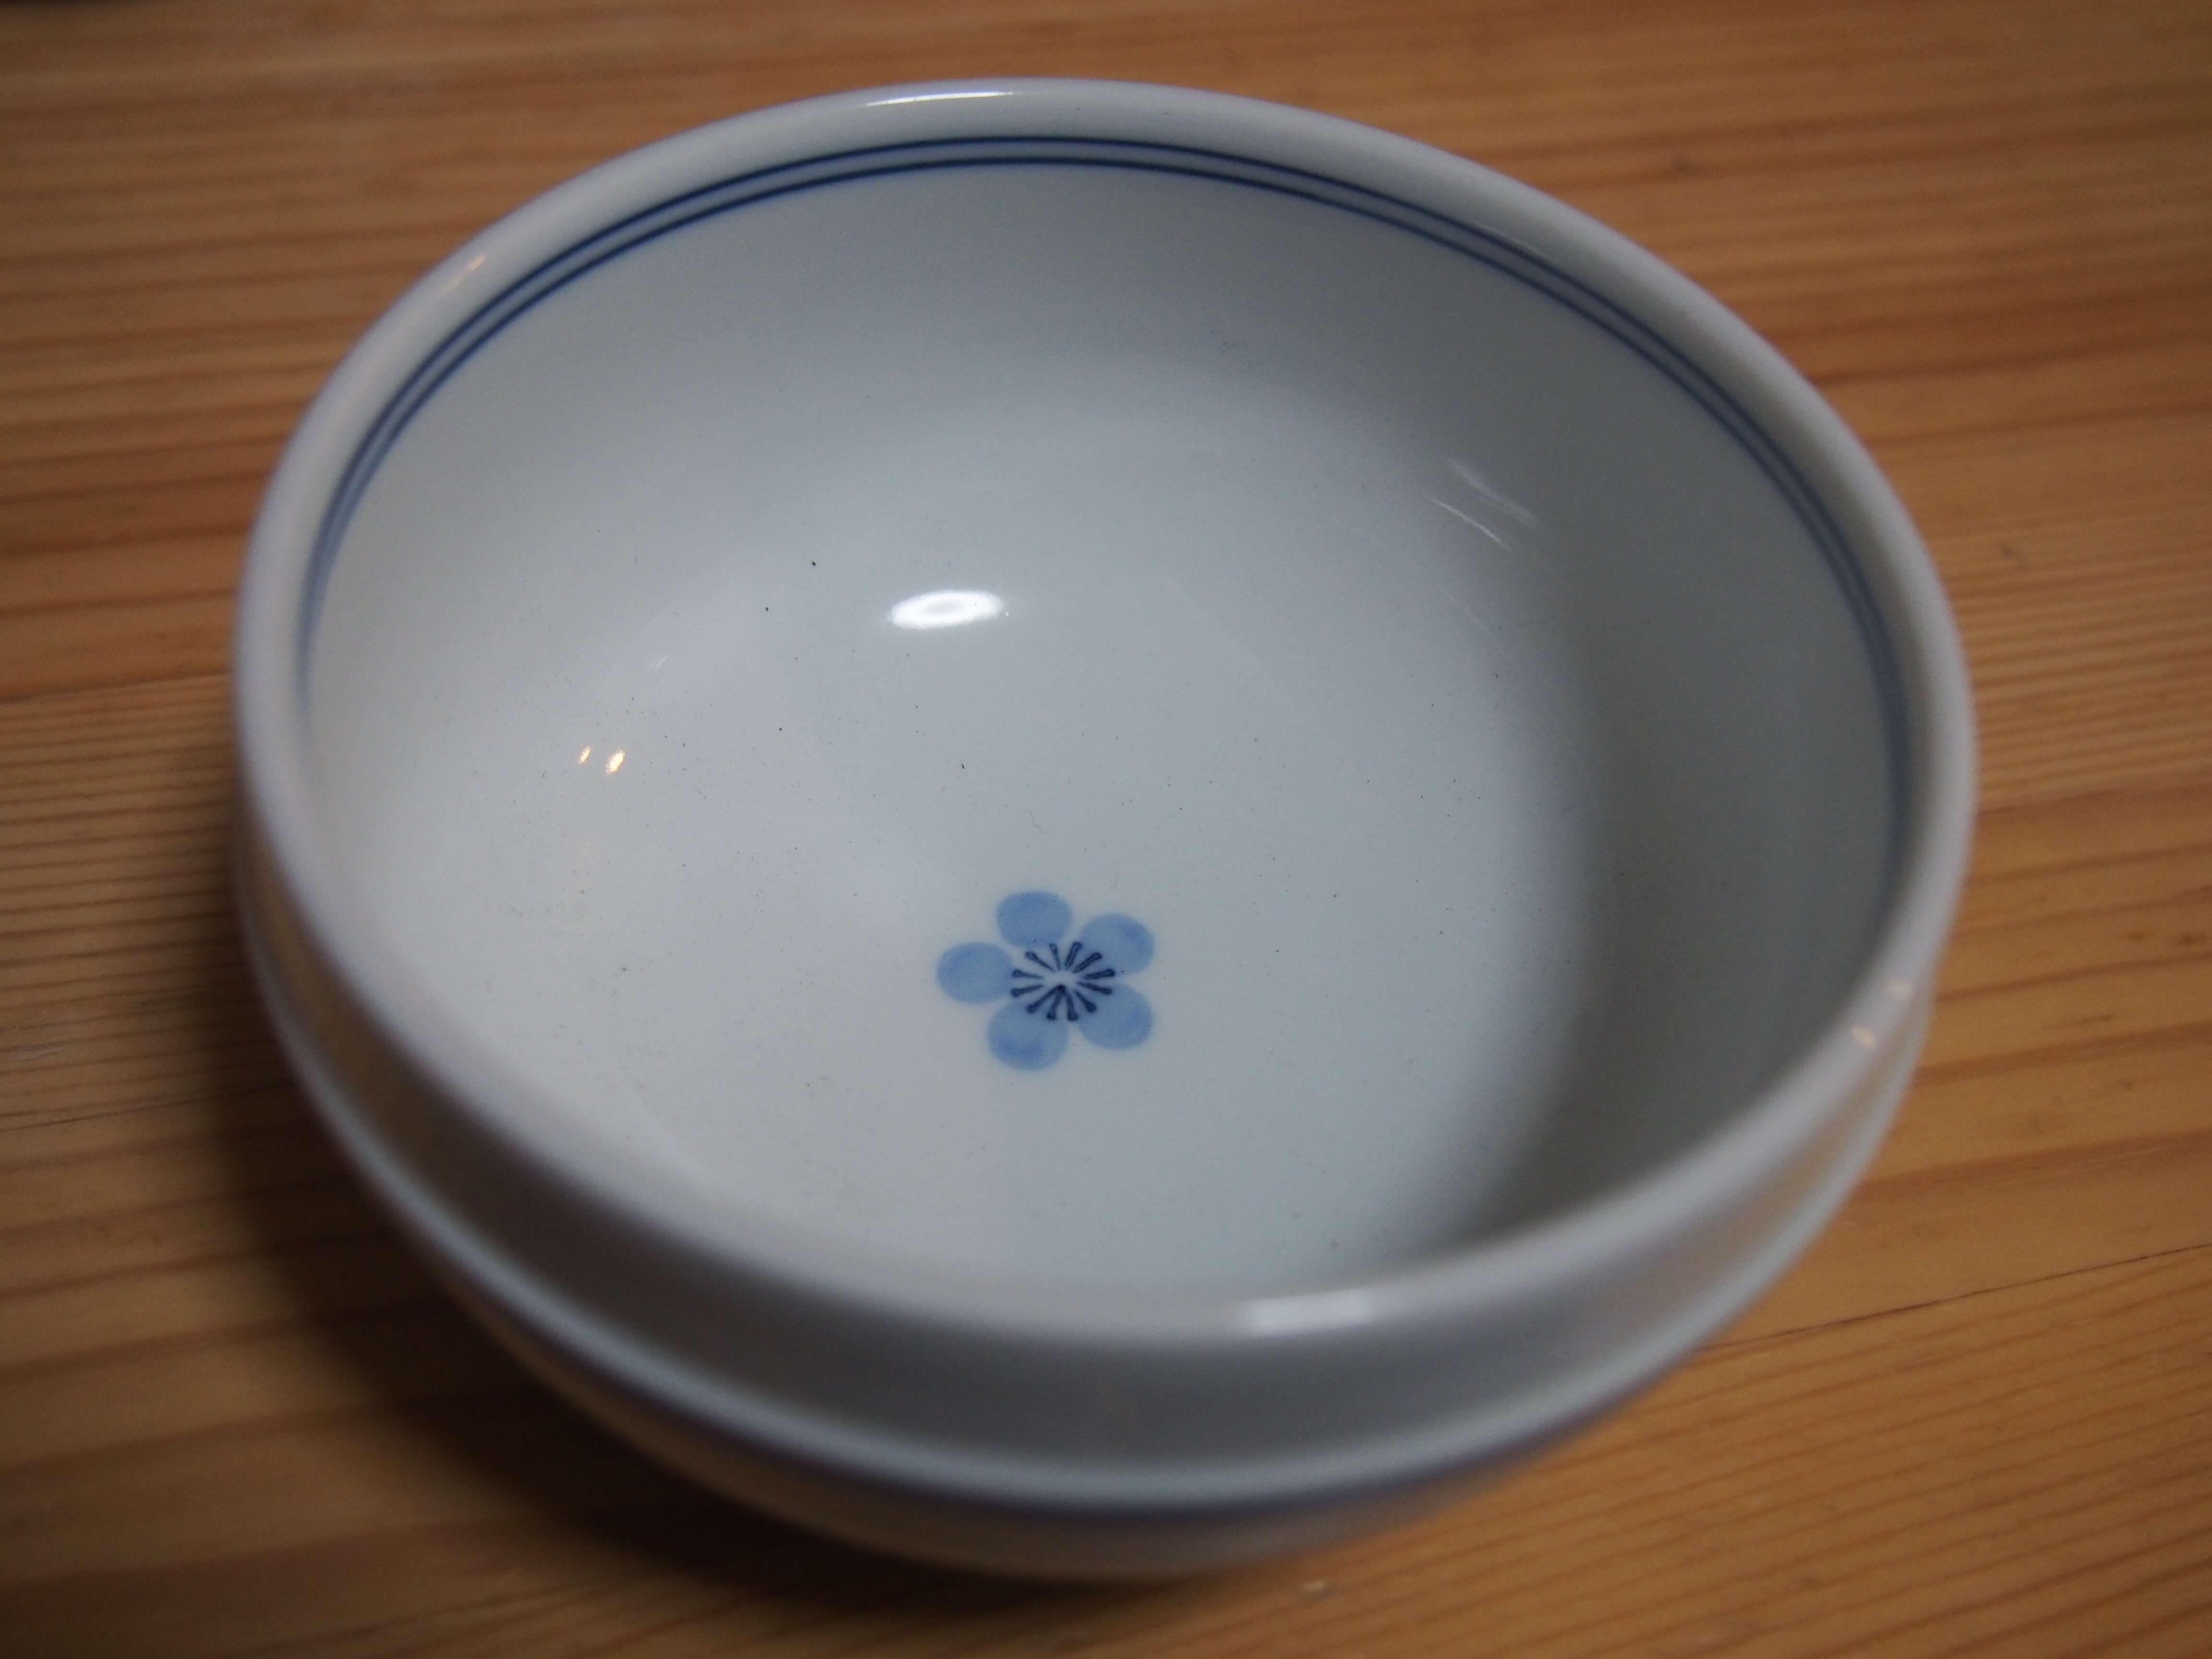 リサイクルショップで180円だった可愛い小鉢